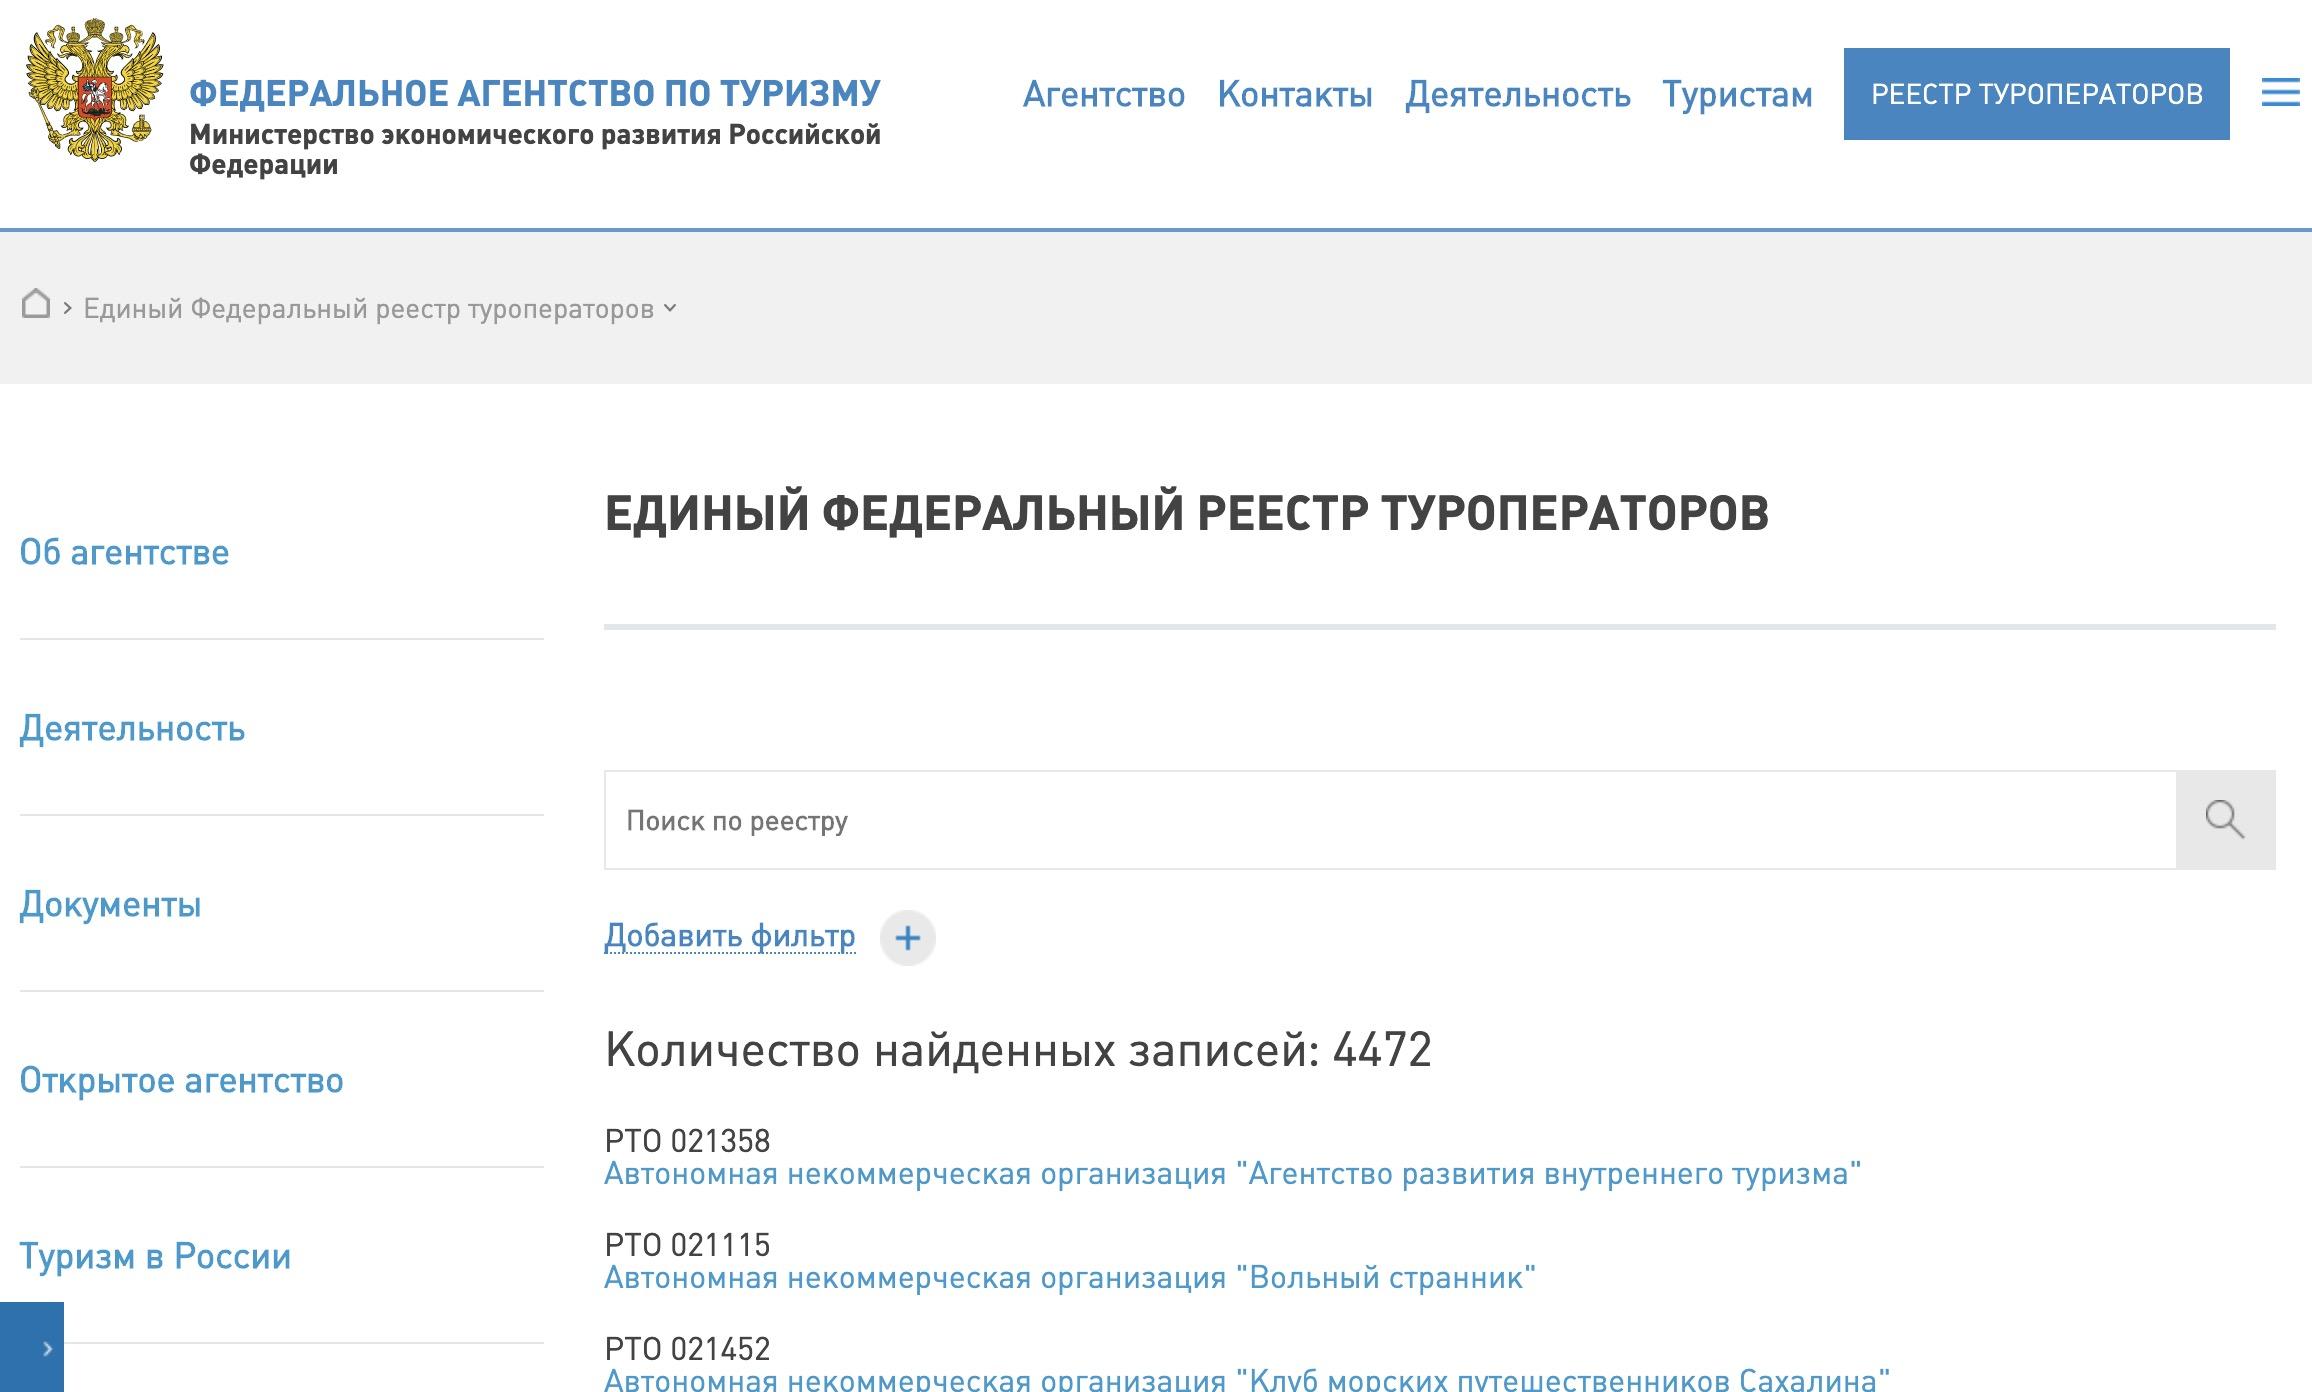 ФЕДЕРАЛЬНОЕ АГЕНТСТВО ПО ТУРИЗМУ Министерство экономического развития Российской Федерации